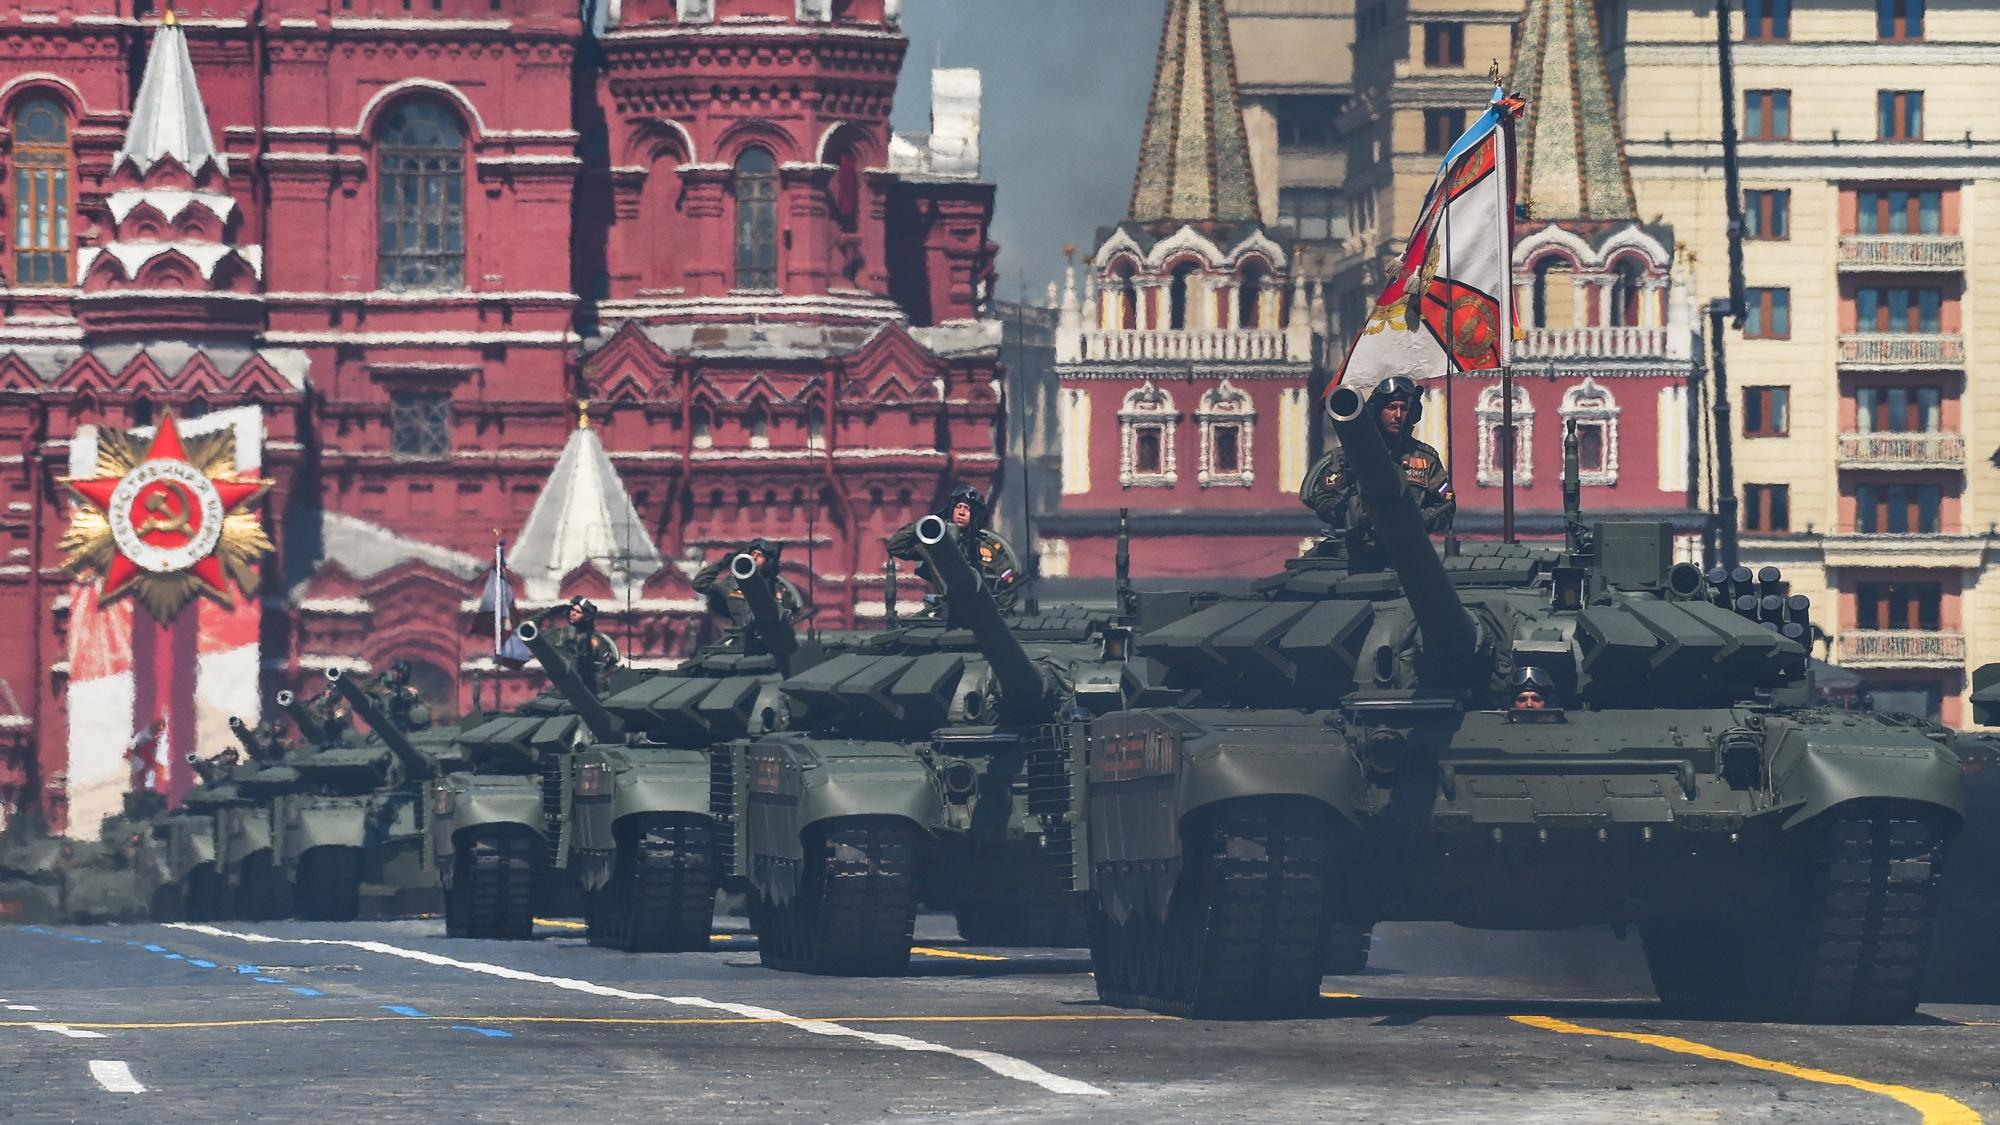 Китайские журналисты оценили «смертоносные машины» на Параде Победы в Москве